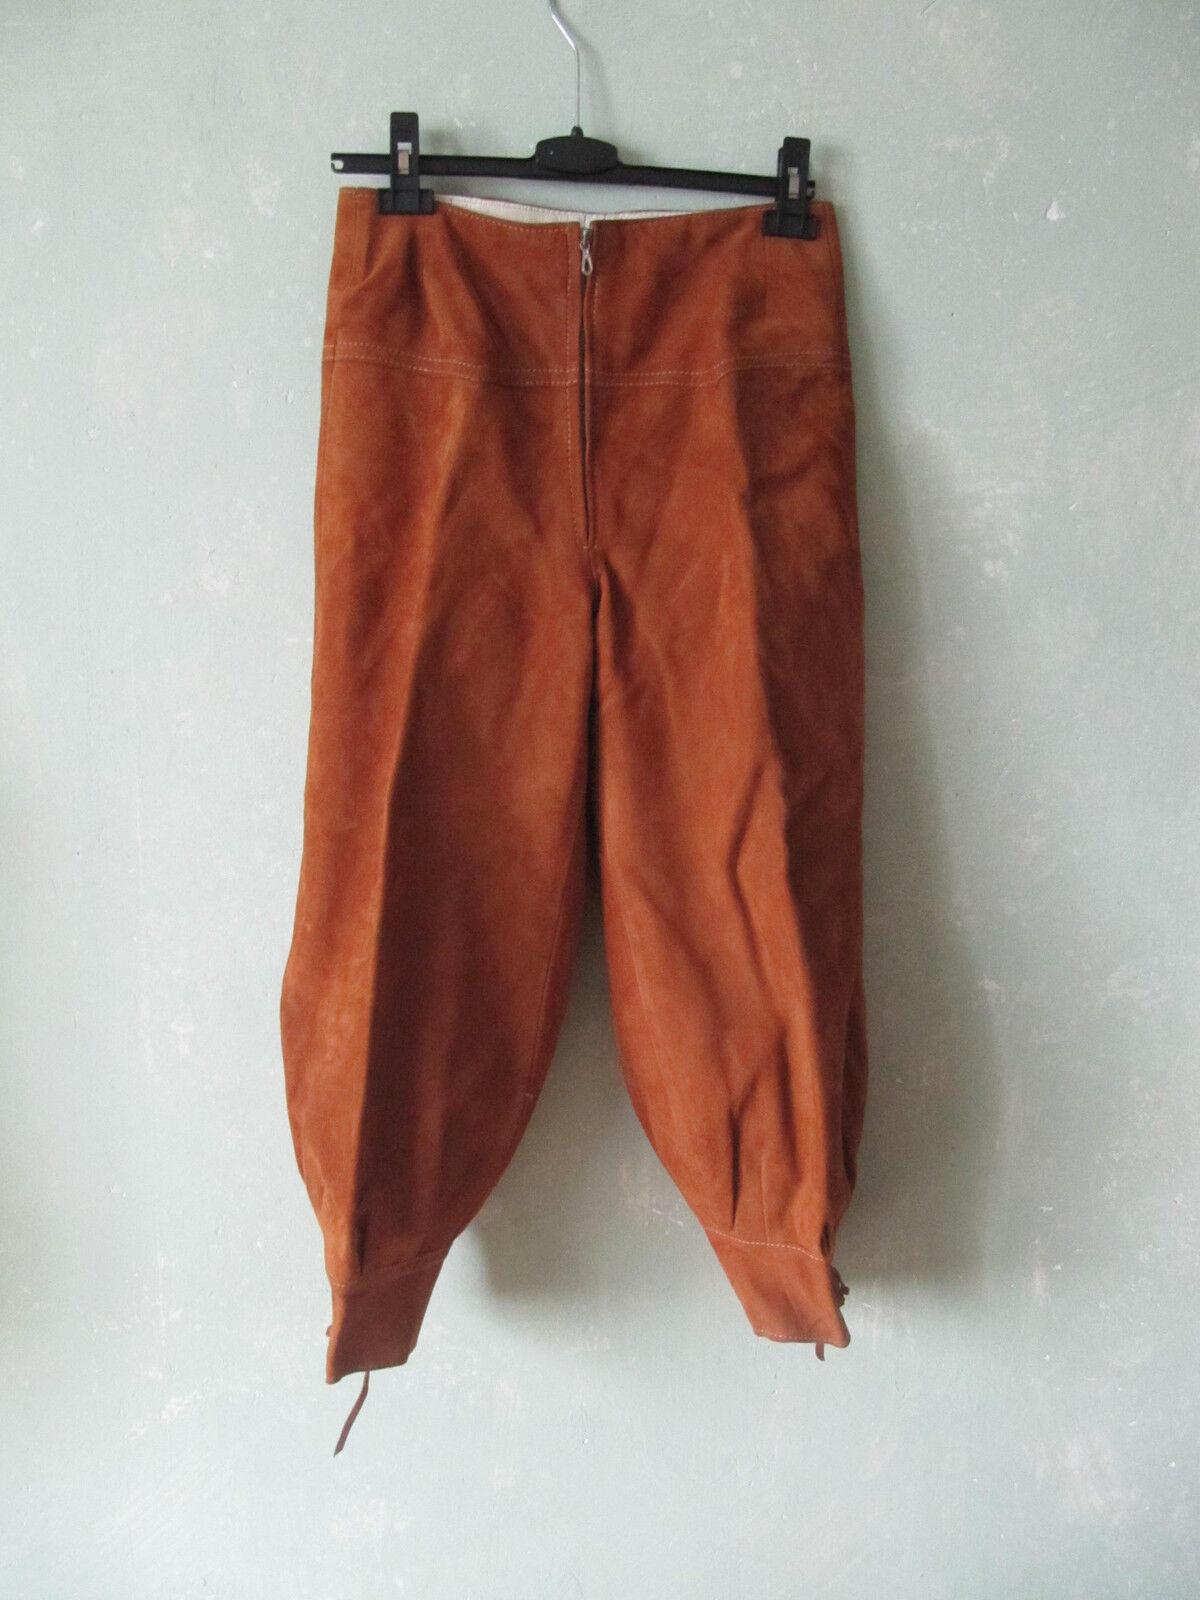 Hose Lederhose Trachten Kniebundhose ocker braun Cognacfarben Vintage 36 S 38 M